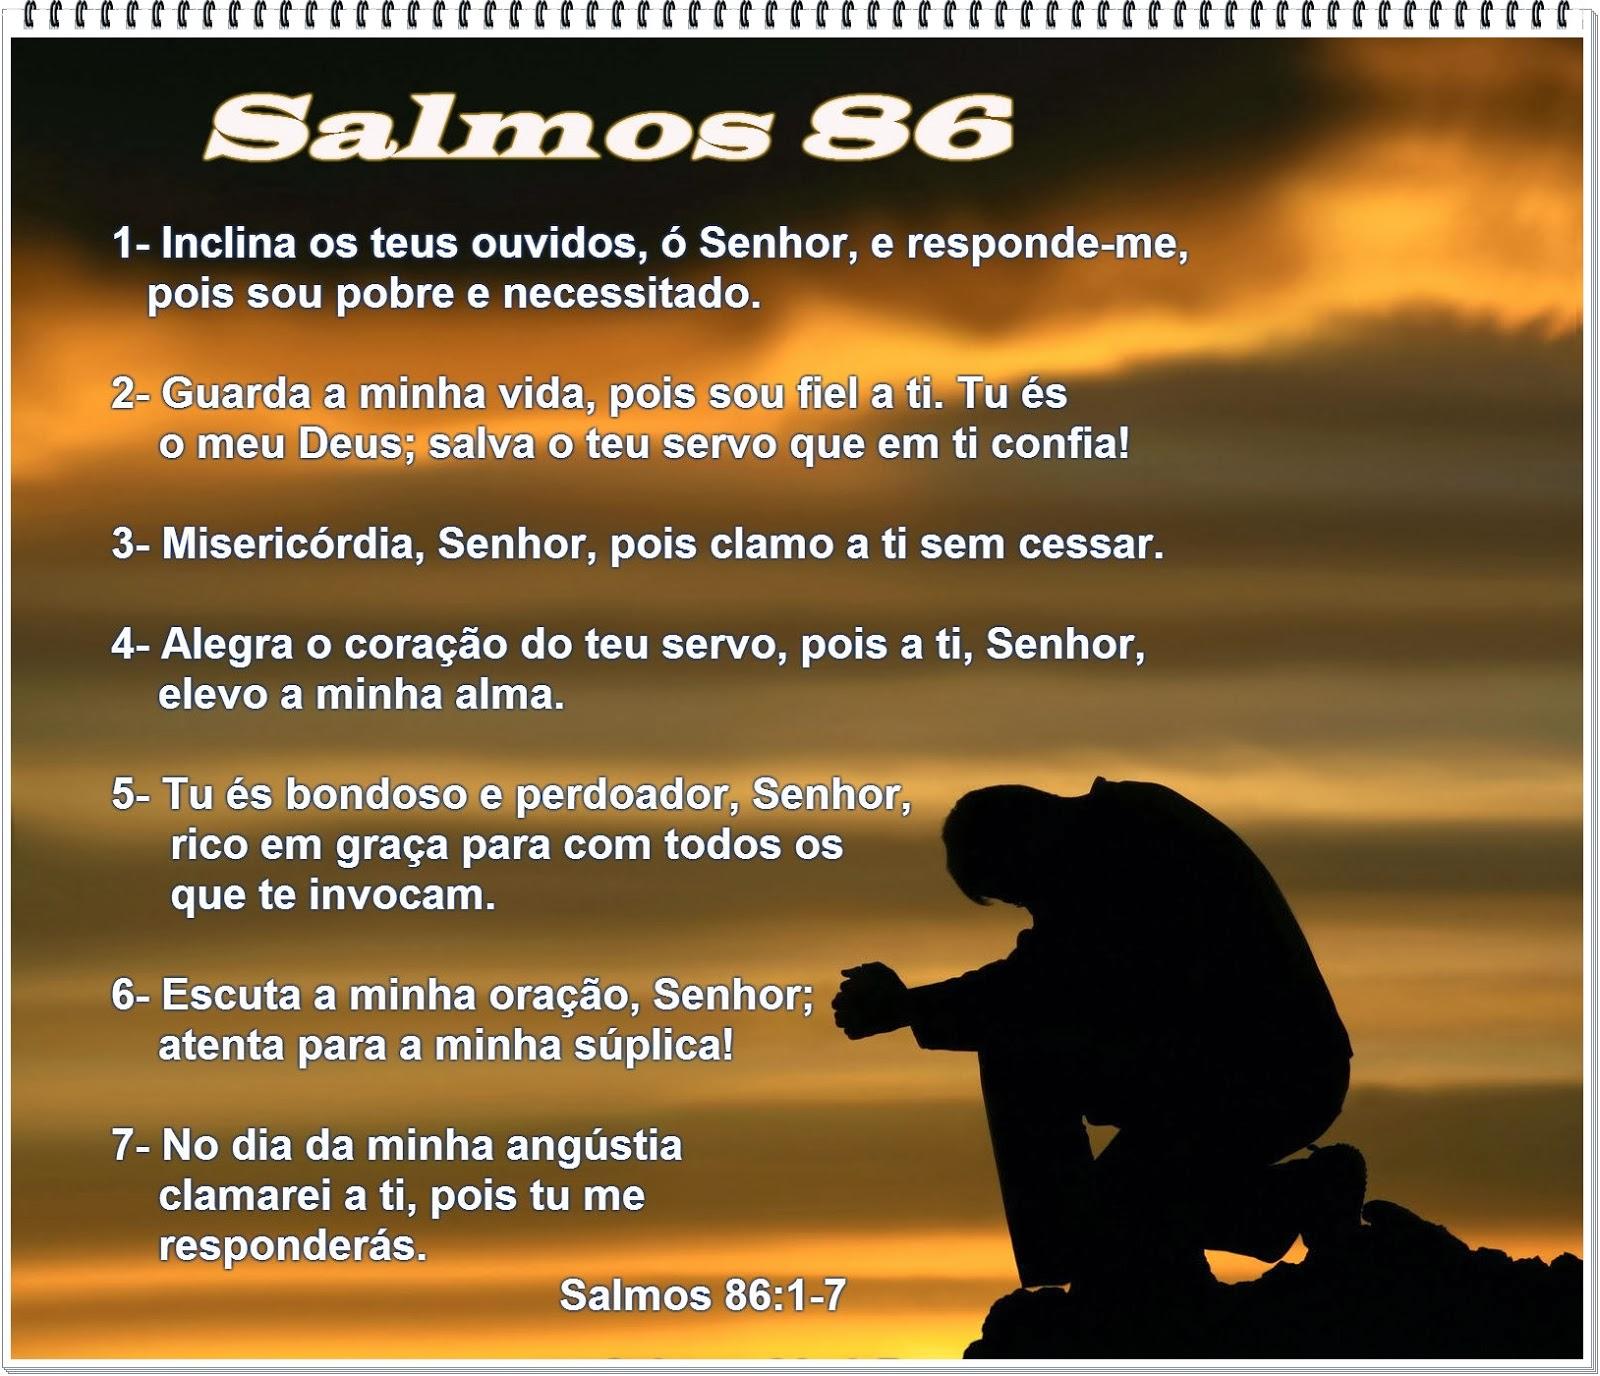 Excepcional Palavra e Ação : RPSP - Salmos 86 YY58